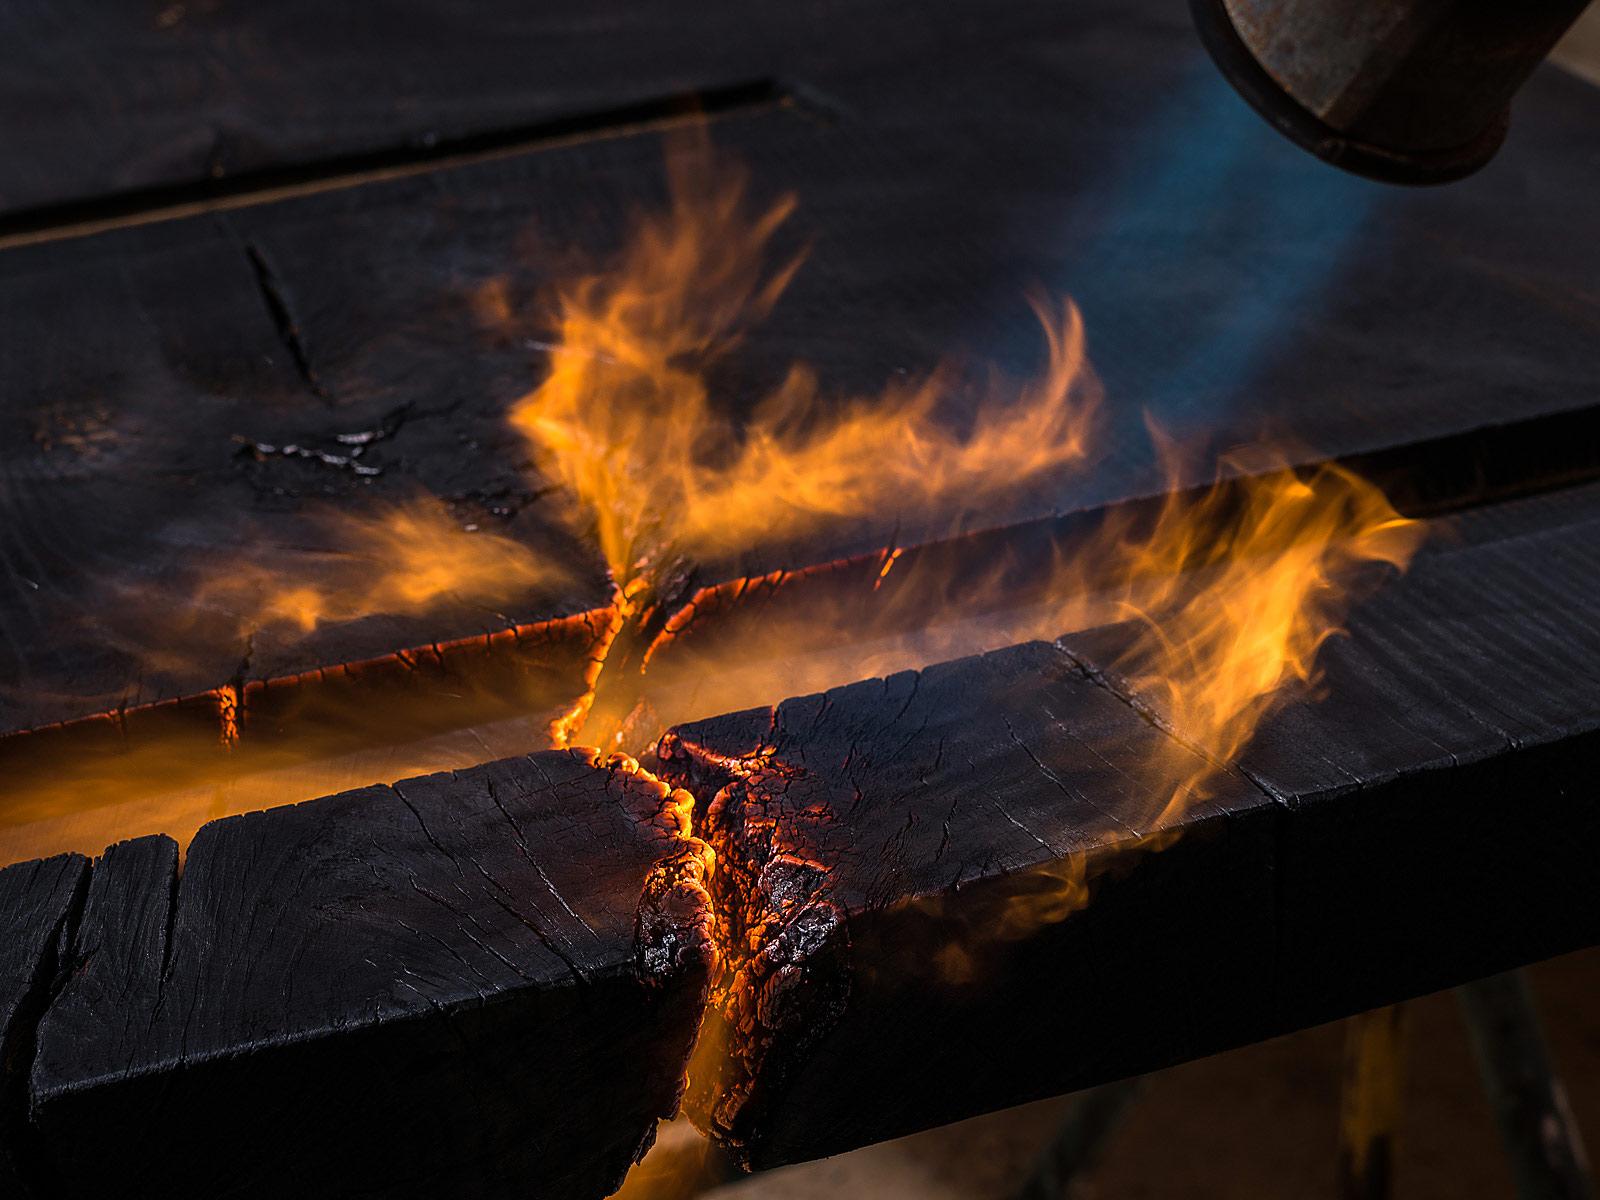 Detailfotografie, Feuer